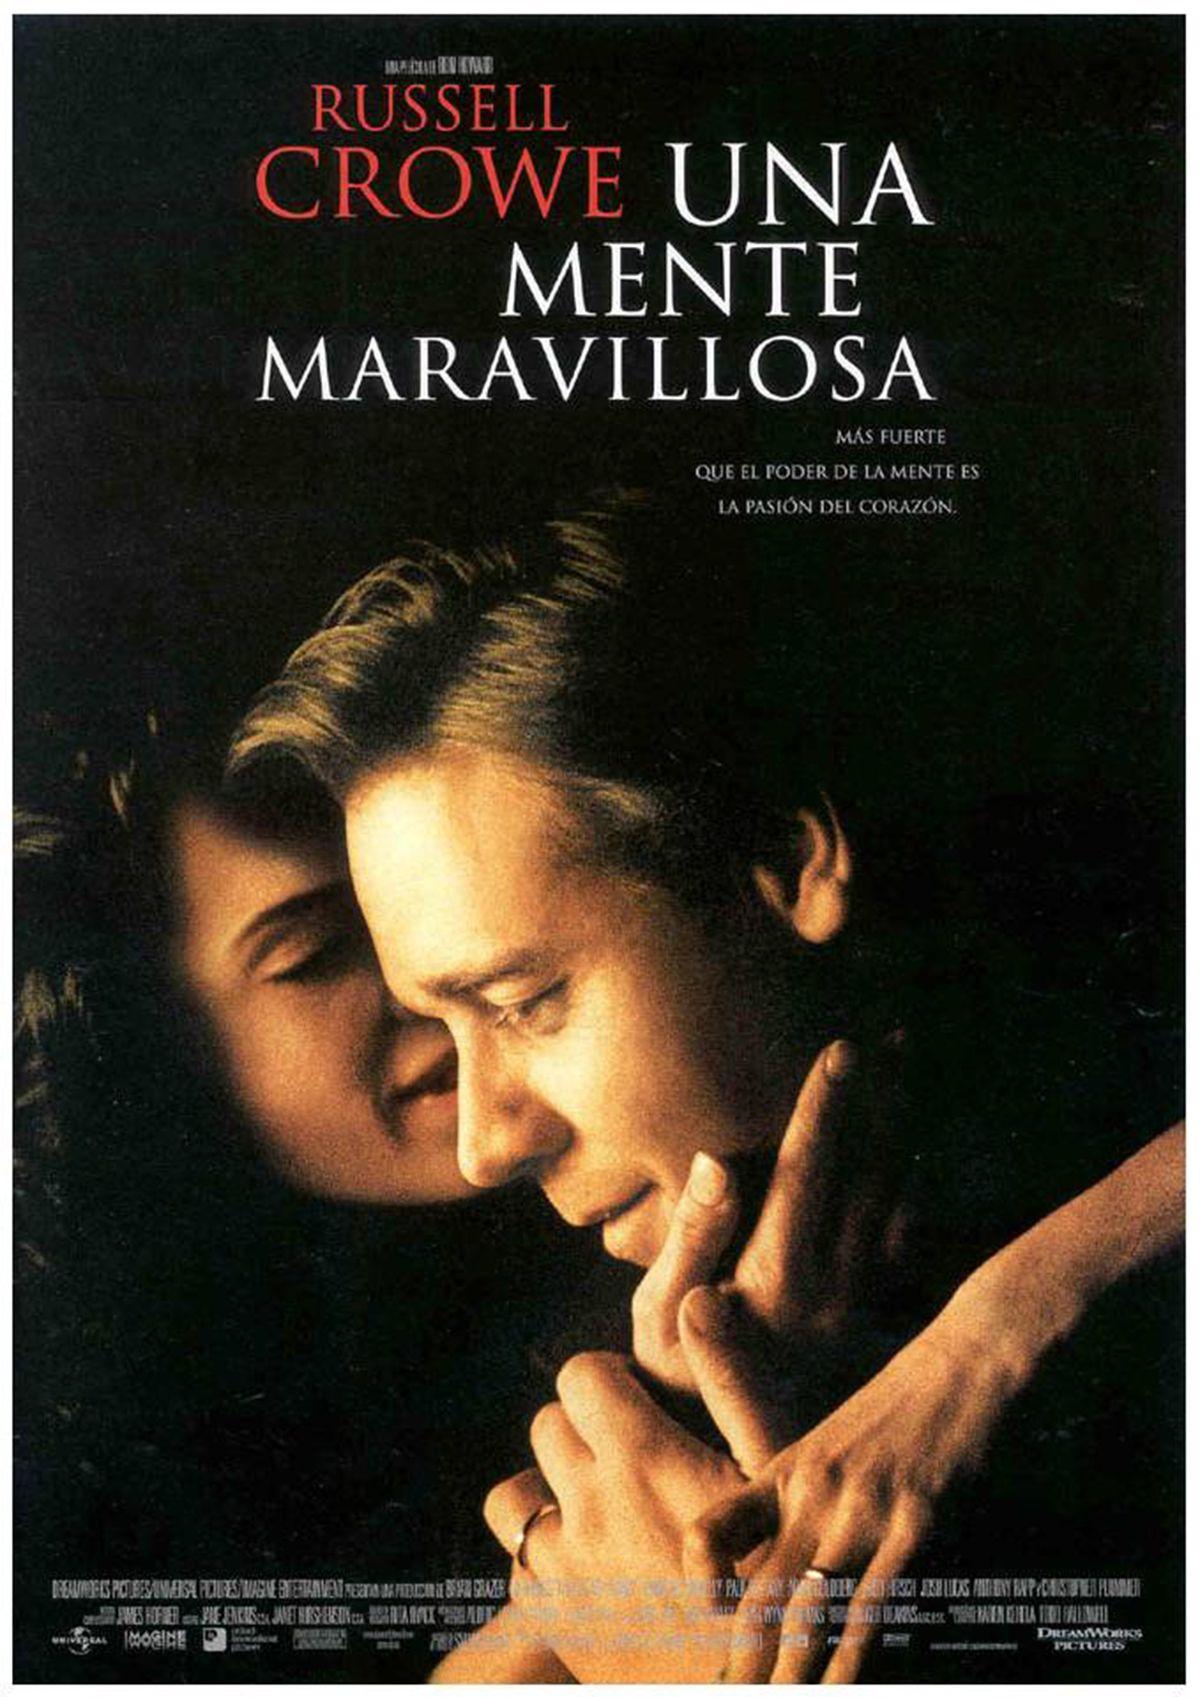 Una Mente Brillante 2001 Ver Online Http Pelis24 Com Peliculas Actualizadas 13486 Una Me Cine Y Literatura Peliculas De Drama Mejores Peliculas De Amor